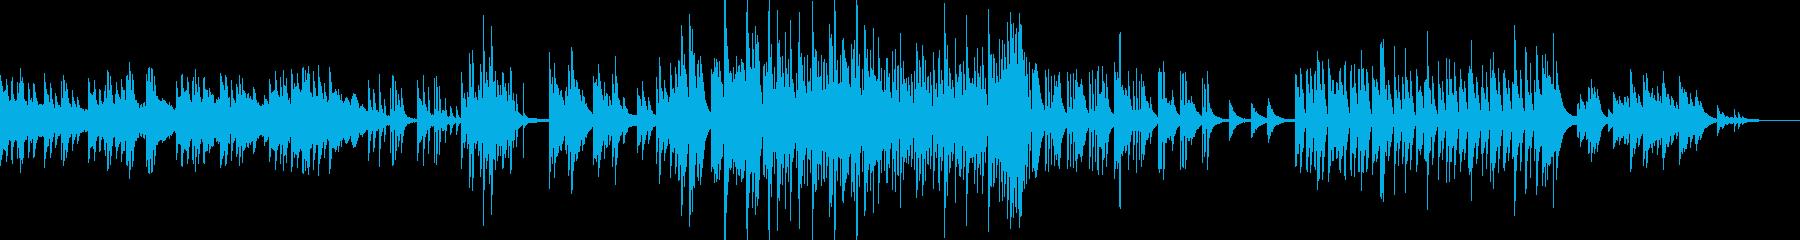 ピアノと弦楽器の心揺さぶるバラードの再生済みの波形